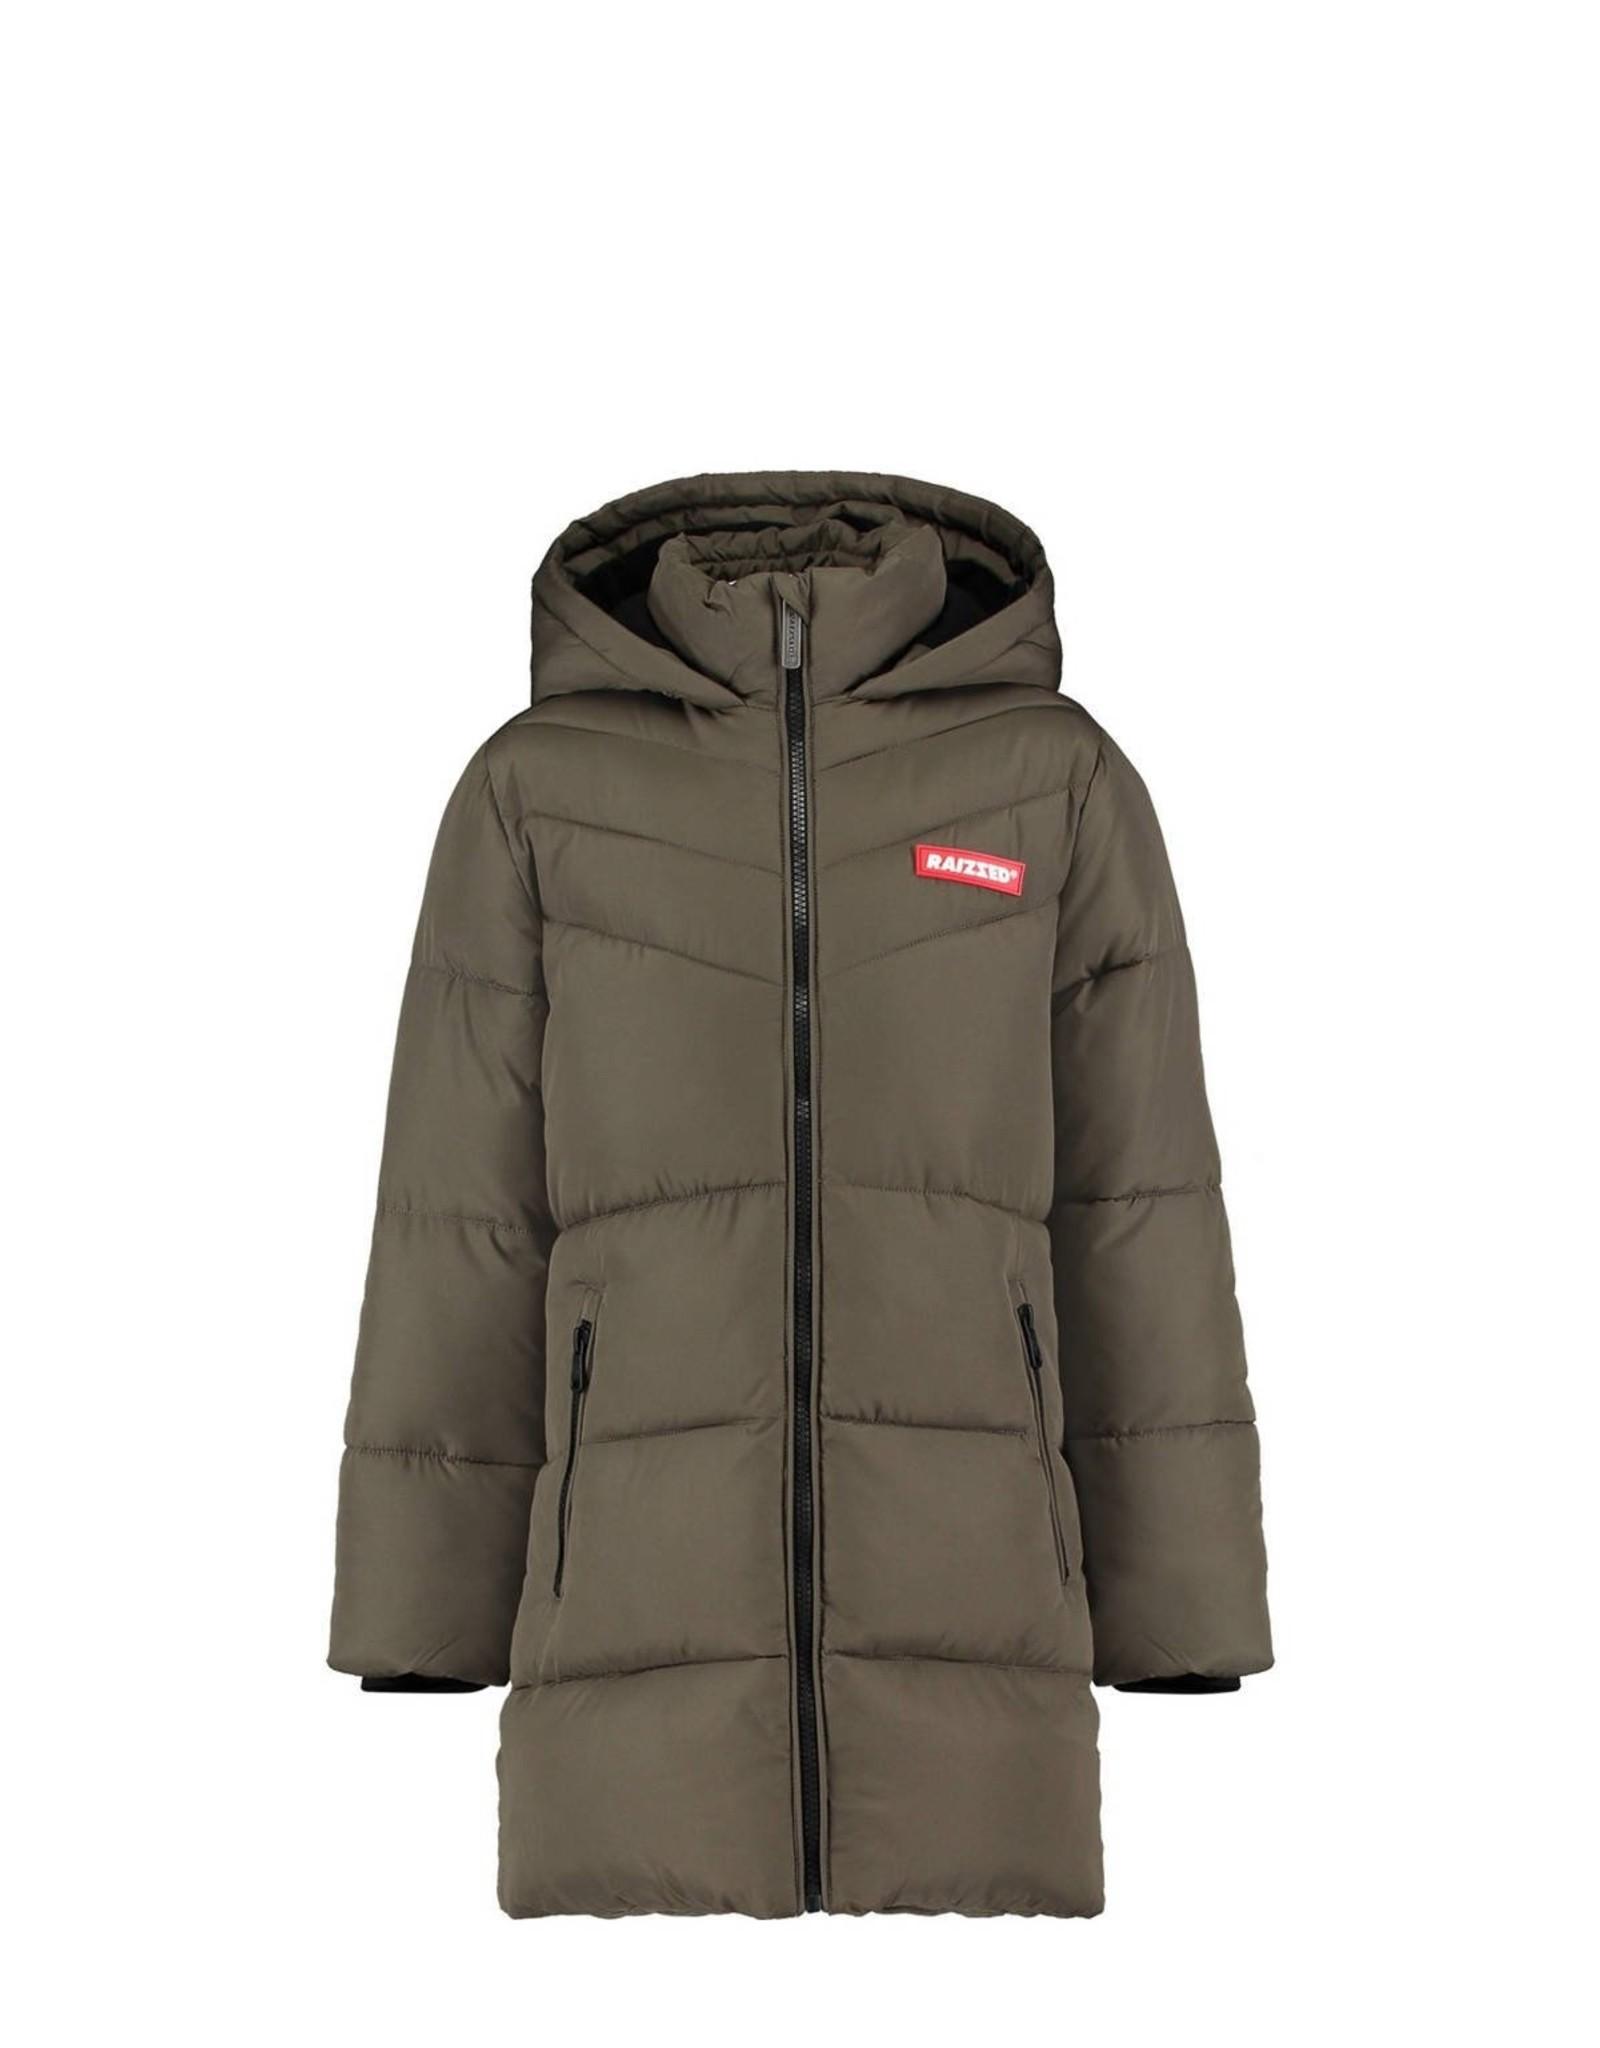 Raizzed Raizzed Jacket Outdoor Munchen Ultra Army